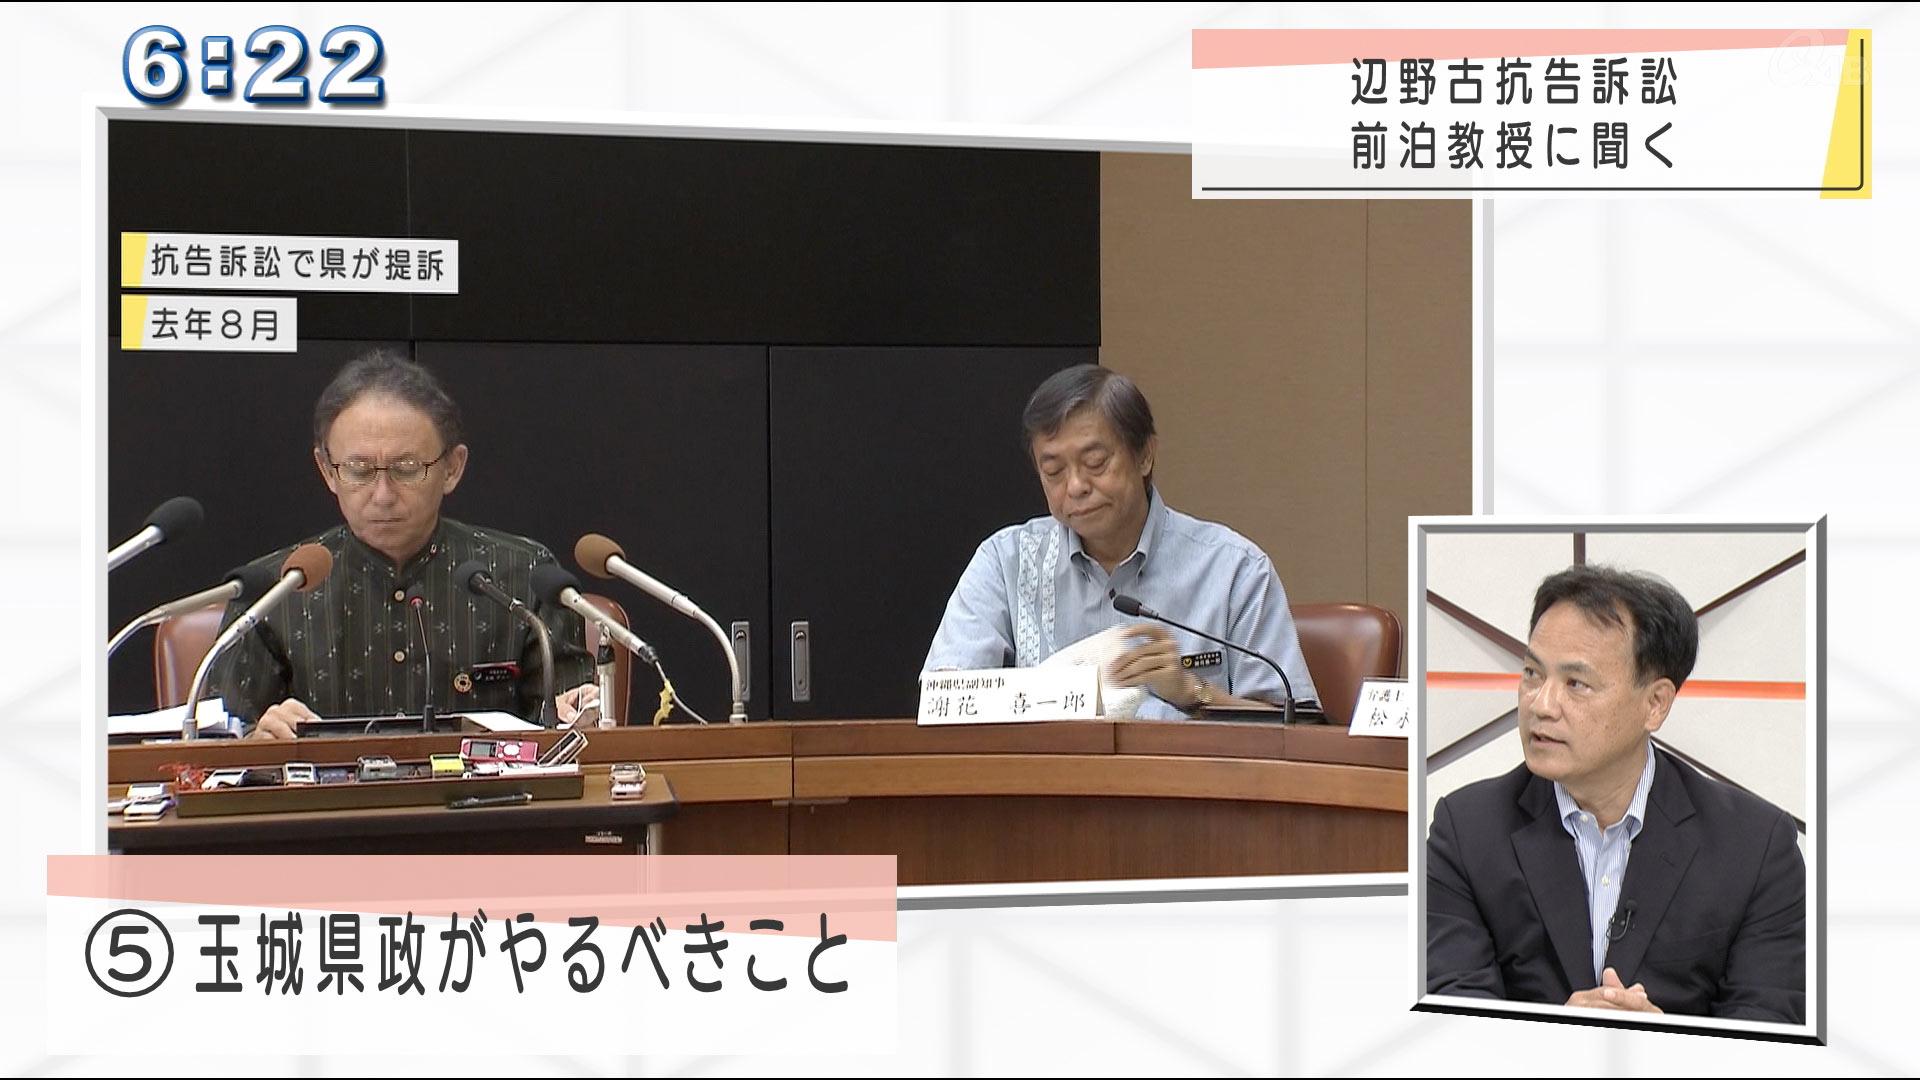 辺野古抗告訴訟で県敗訴 国の主張を全面的に支持